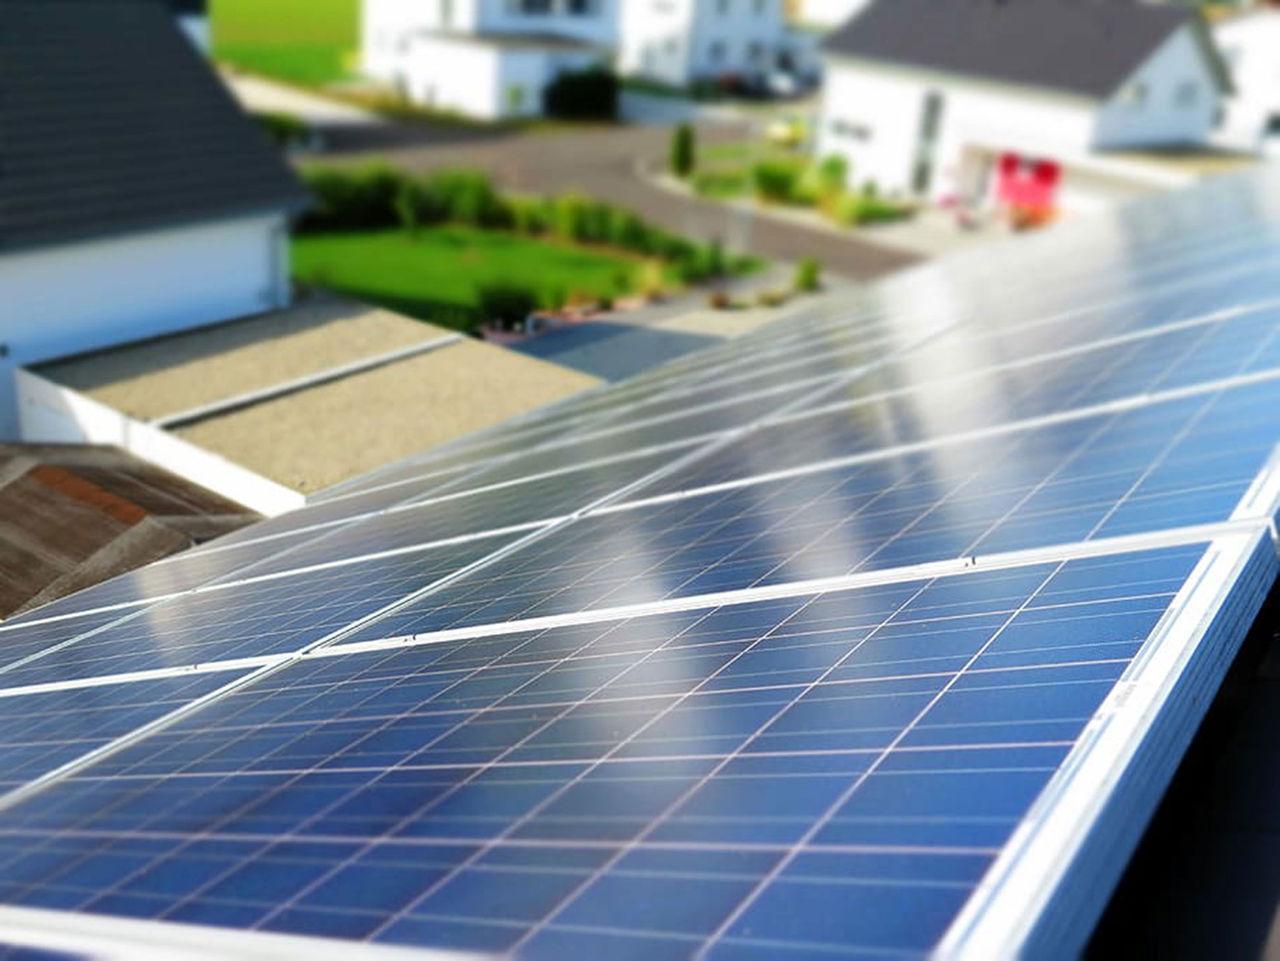 Solcellsstödet för 2020 på väg att ta slut